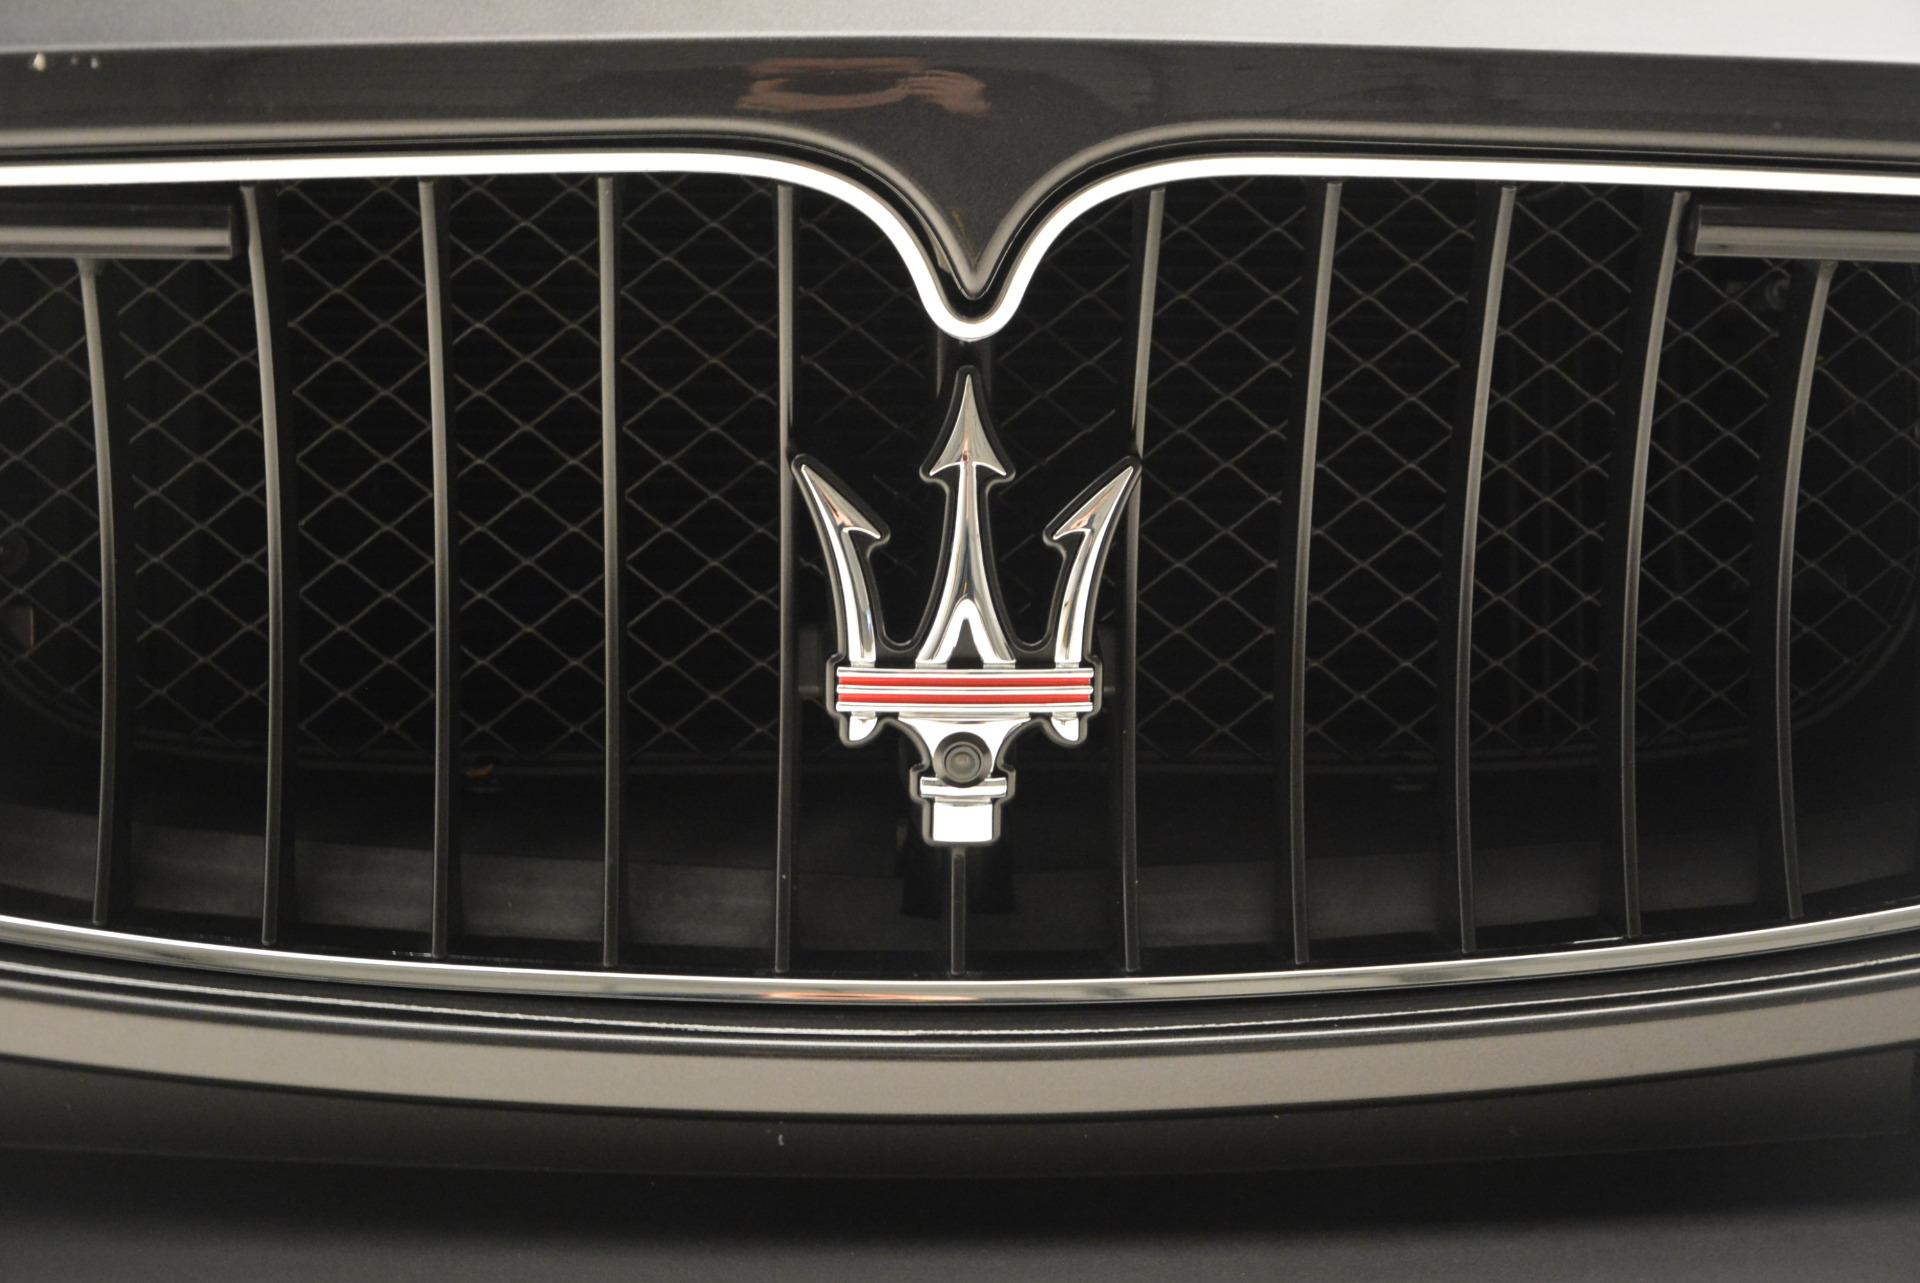 Used 2013 Maserati GranTurismo MC For Sale In Westport, CT 773_p14